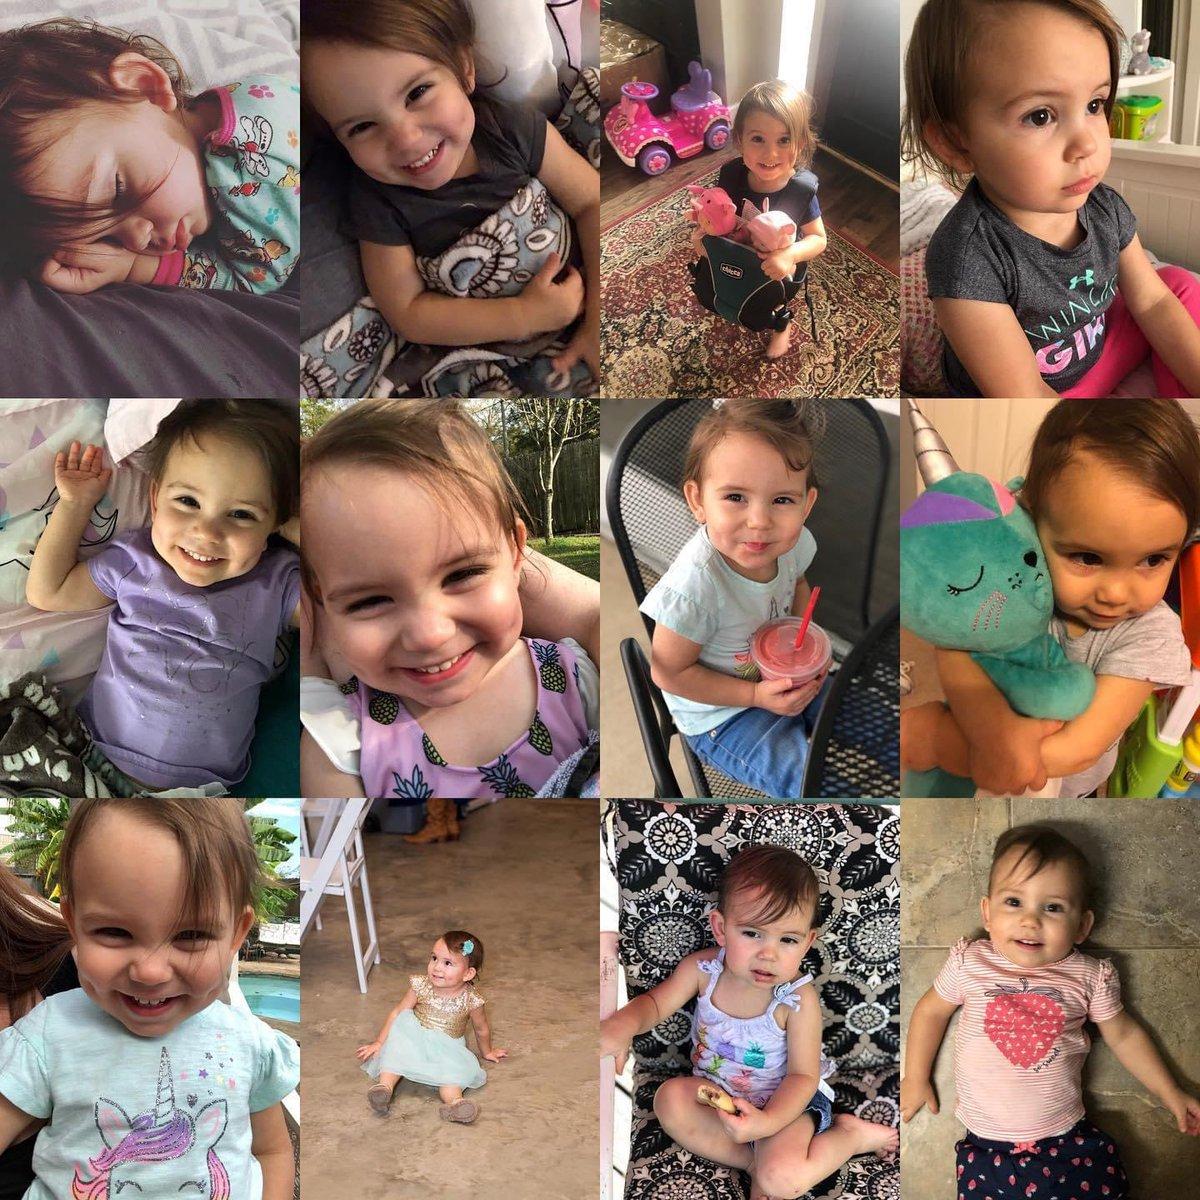 Happy birthday babygirl! 2yrs old today ... #wheredoestimego #PROUDDADpic.twitter.com/ujUMlkDbkI